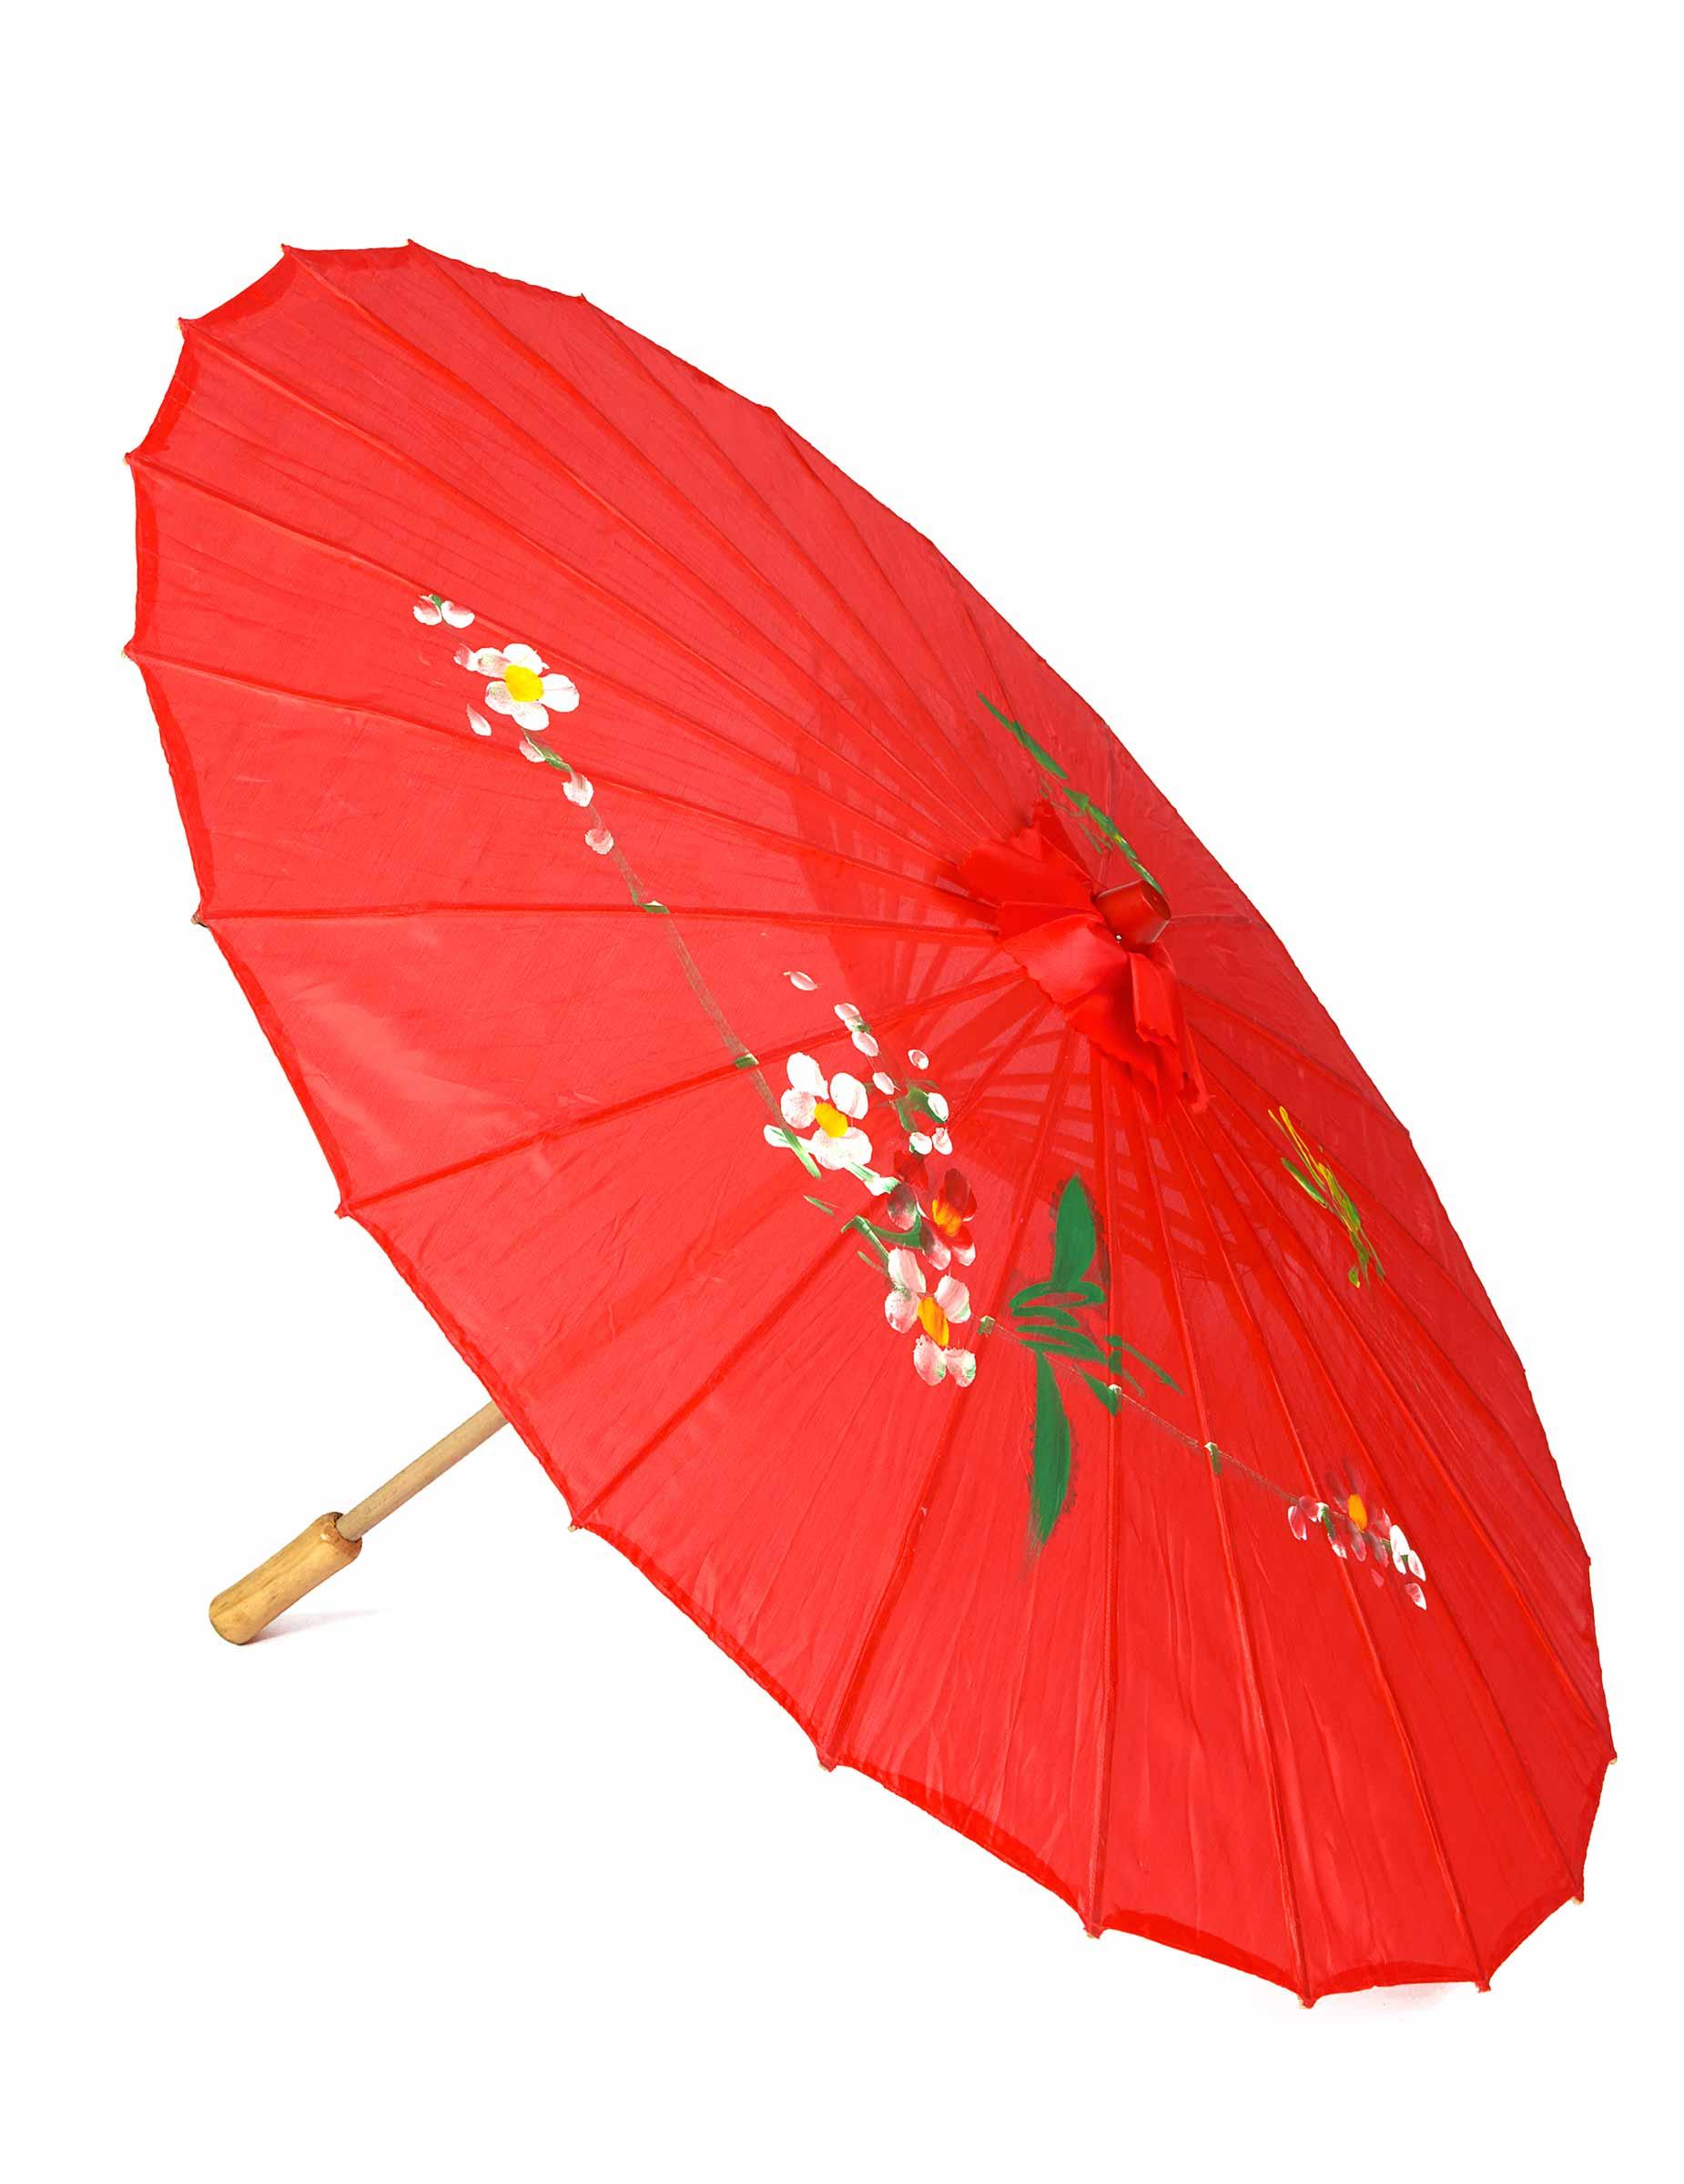 Sonnenschirm pink 72 cm groß Regenschirm Kostümzubehör Fasching